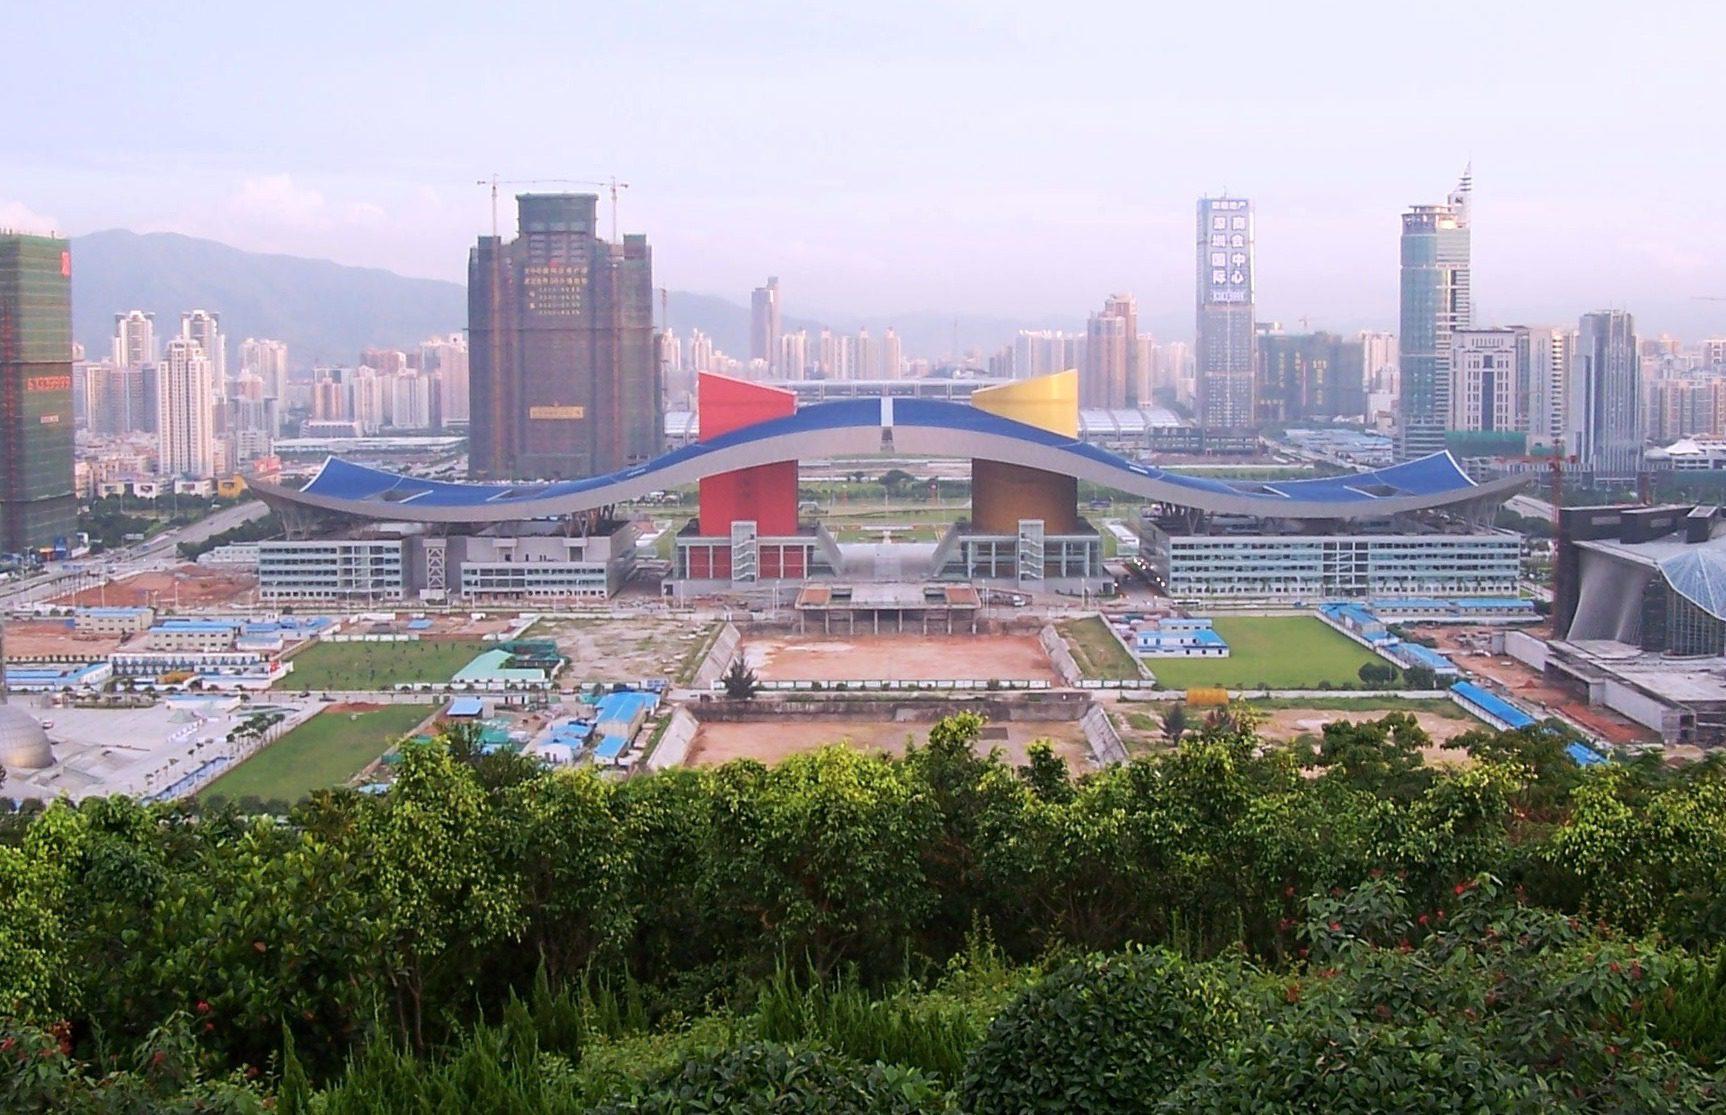 Cina: a Shenzhen la polizia utilizza 500 auto elettriche